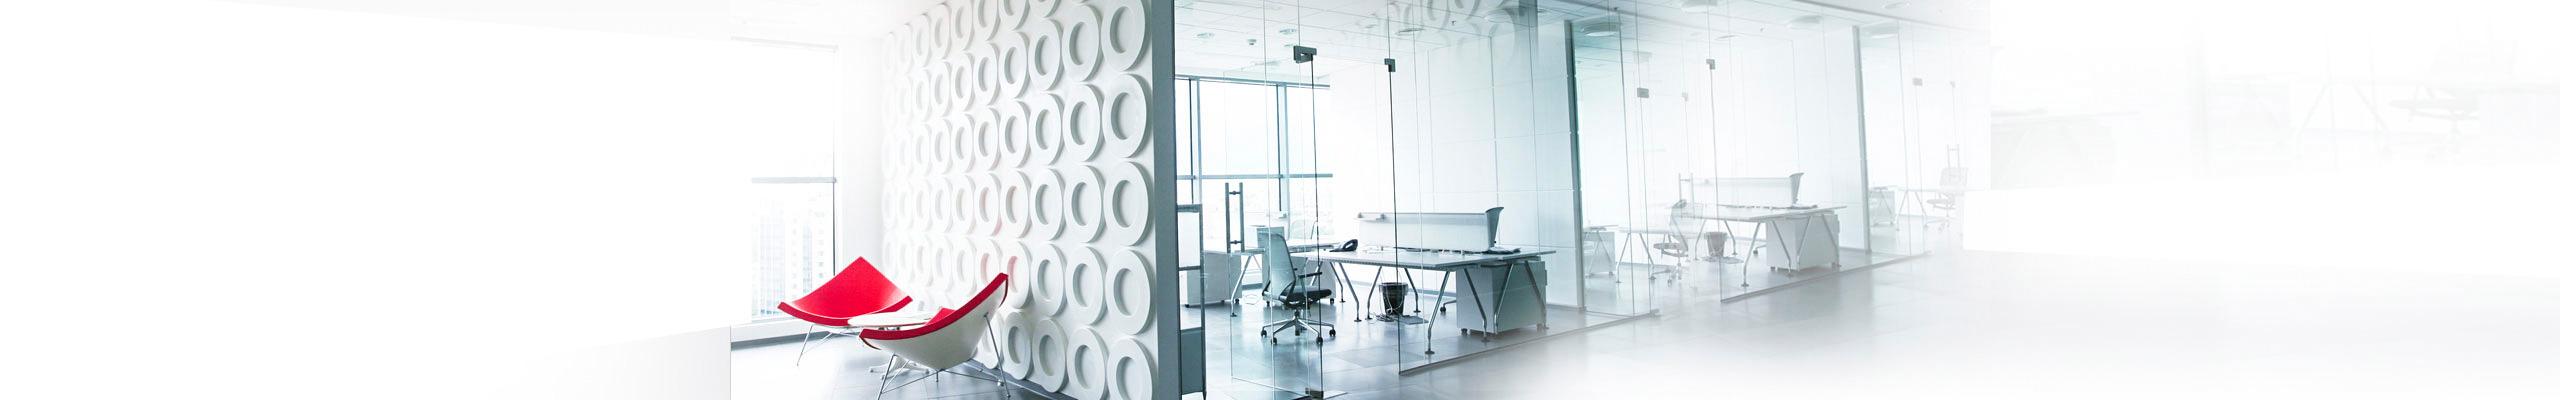 Seminarräume zum Vertriebscoaching & Vertriebstraining mit Mumme & Partner Stuttgart